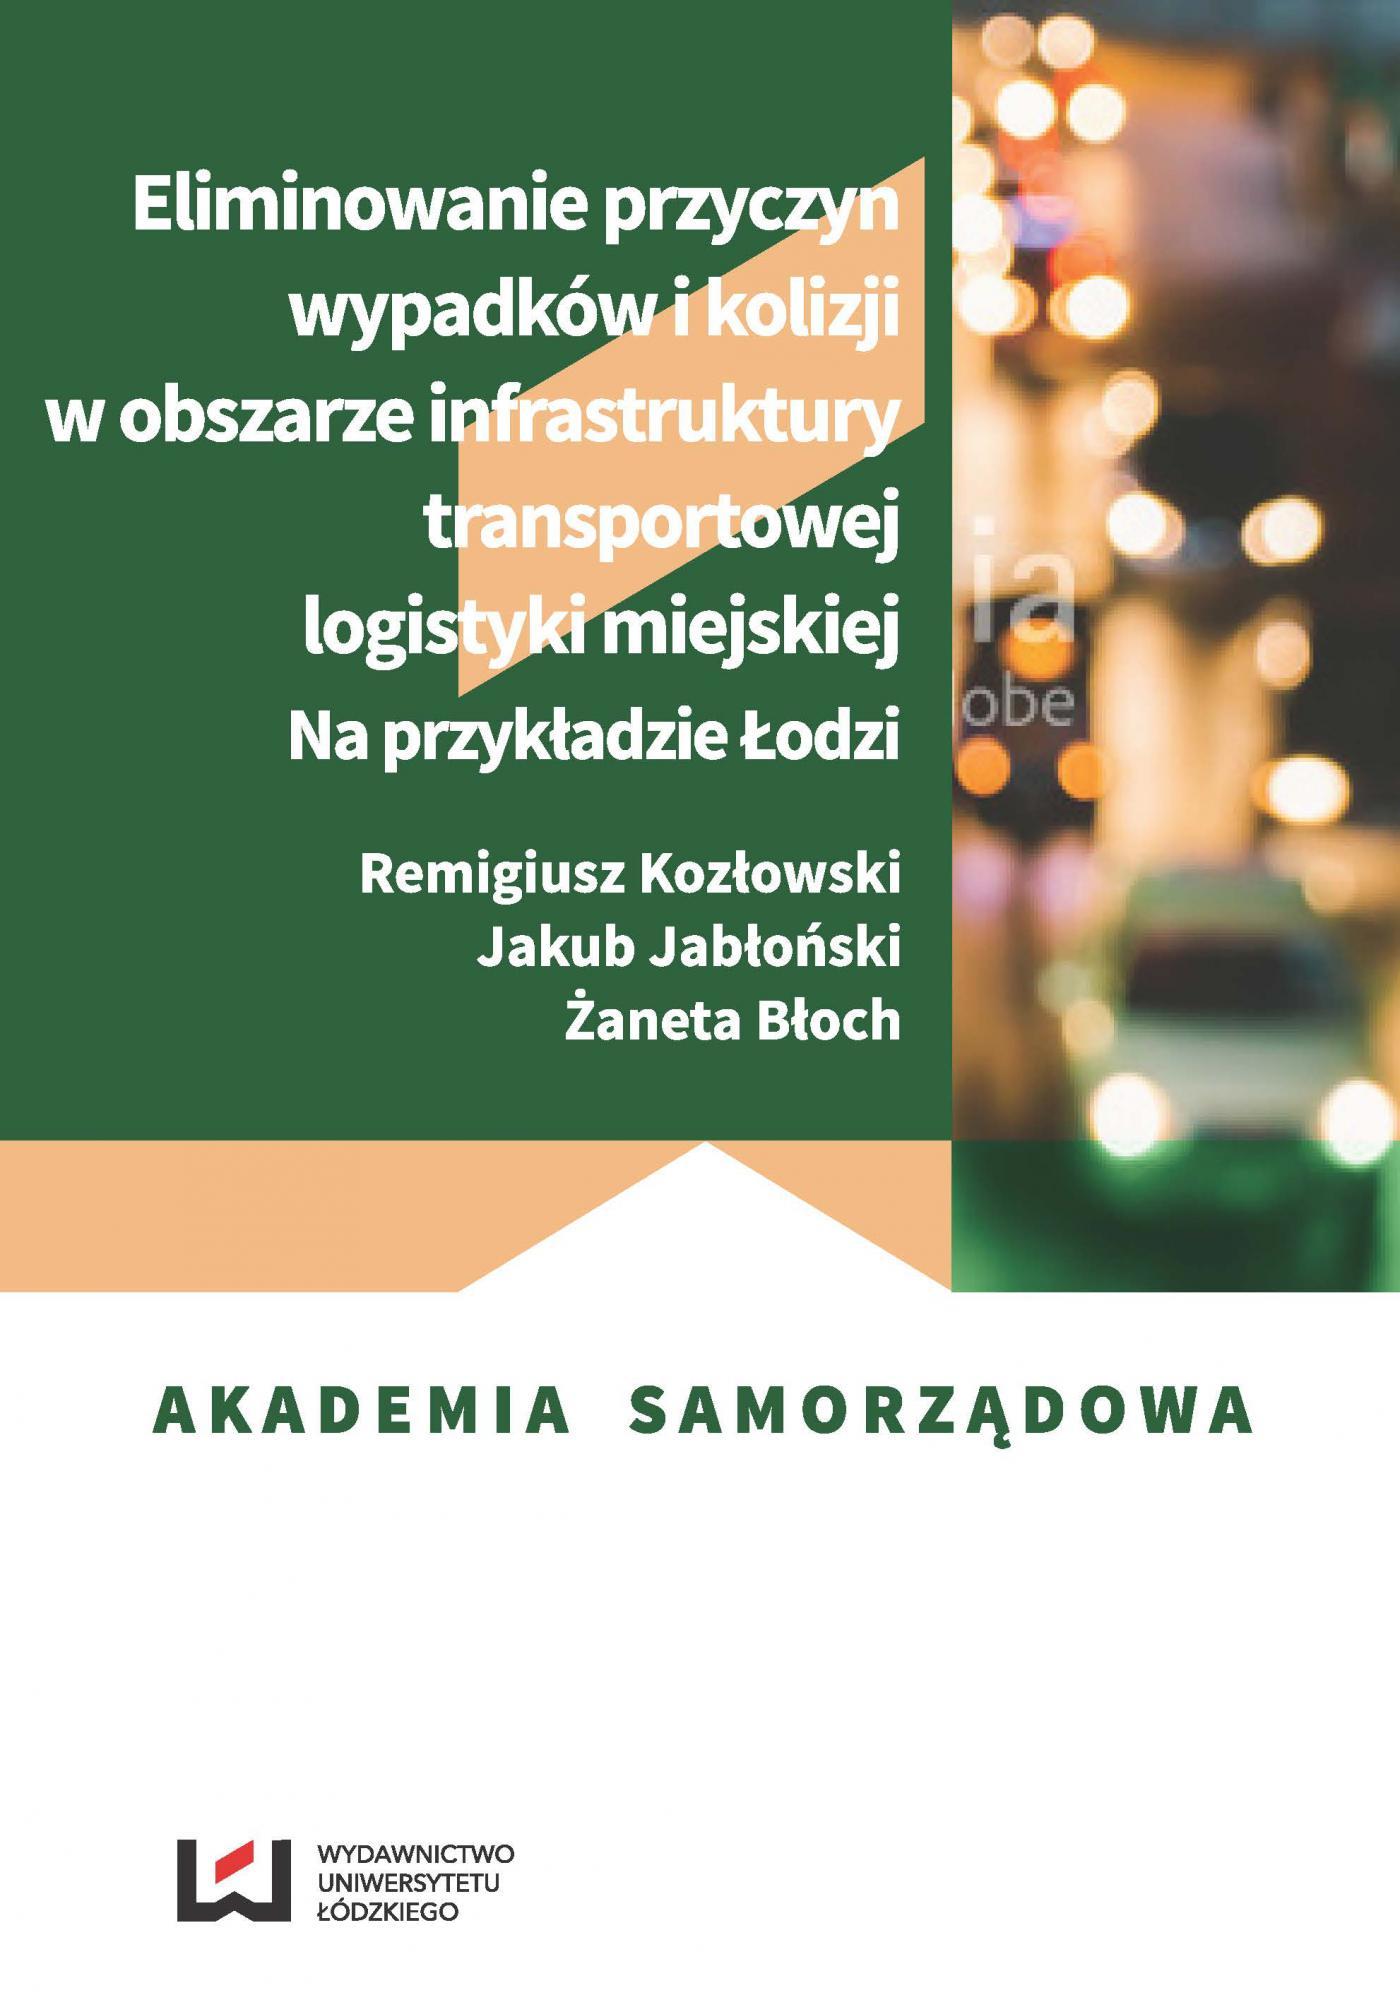 Eliminowanie przyczyn wypadków i kolizji w obszarze infrastruktury transportowej logistyki miejskiej. Na przykładzie Łodzi - Ebook (Książka PDF) do pobrania w formacie PDF